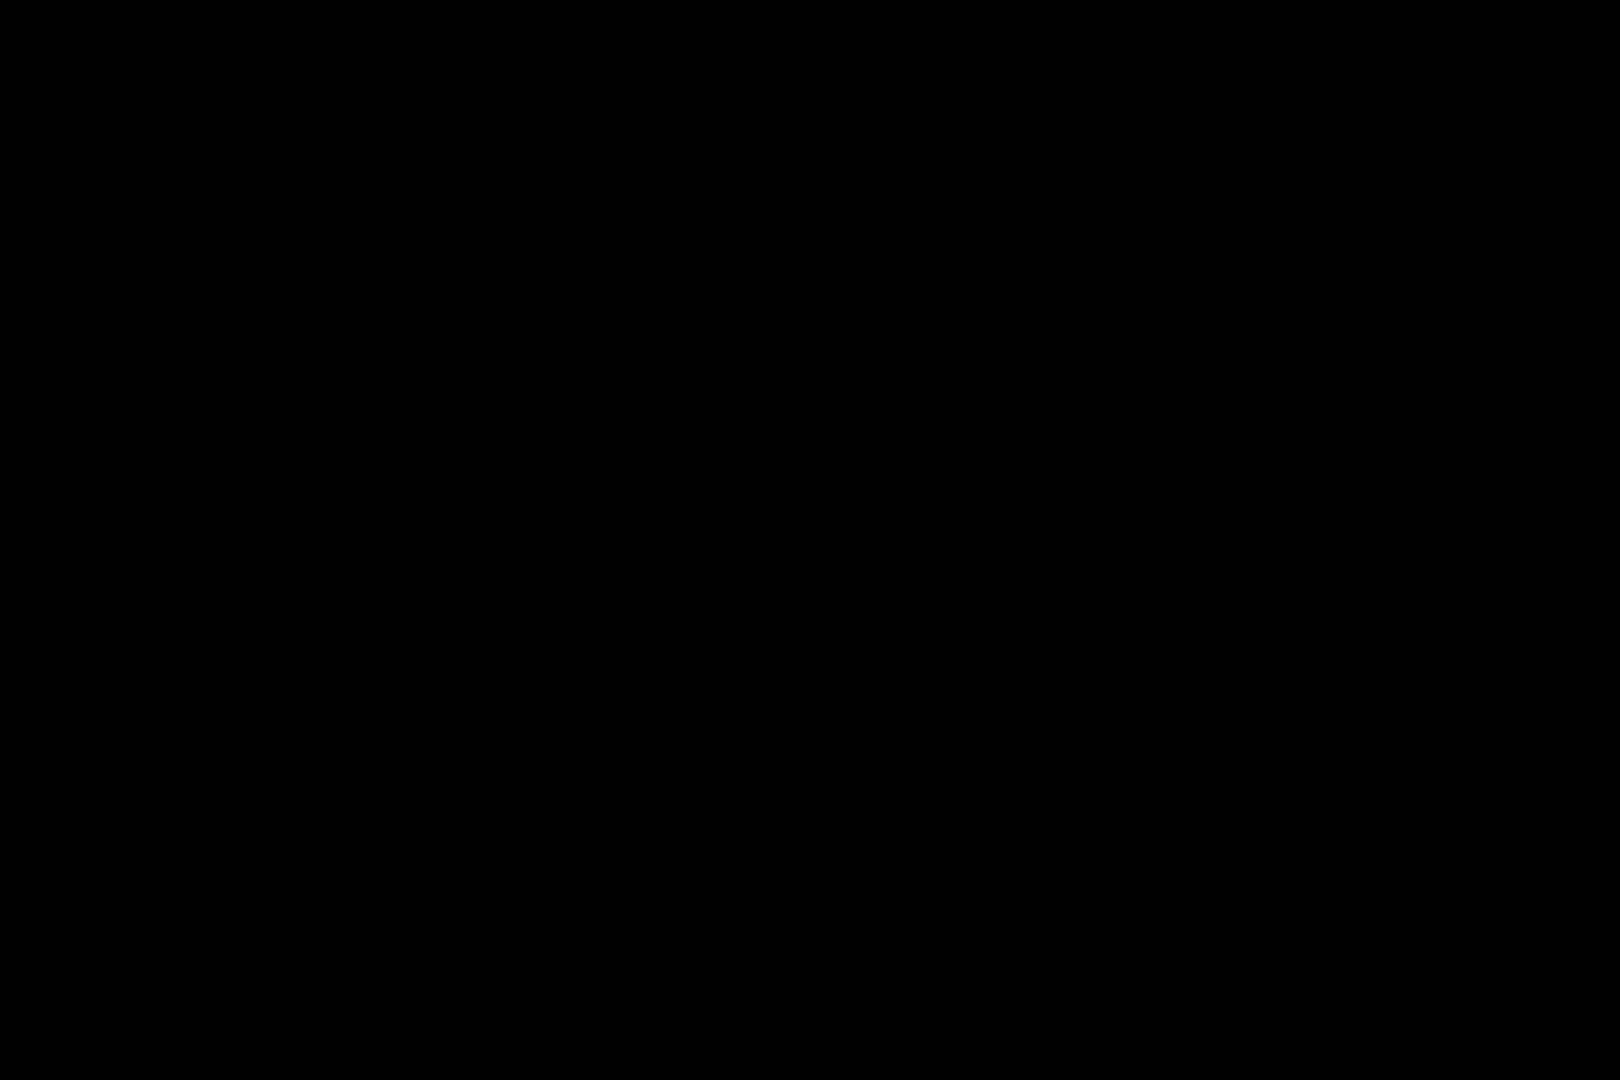 充血監督の深夜の運動会Vol.199 おまんこモロ出し | 独身エッチOL  27pic 22